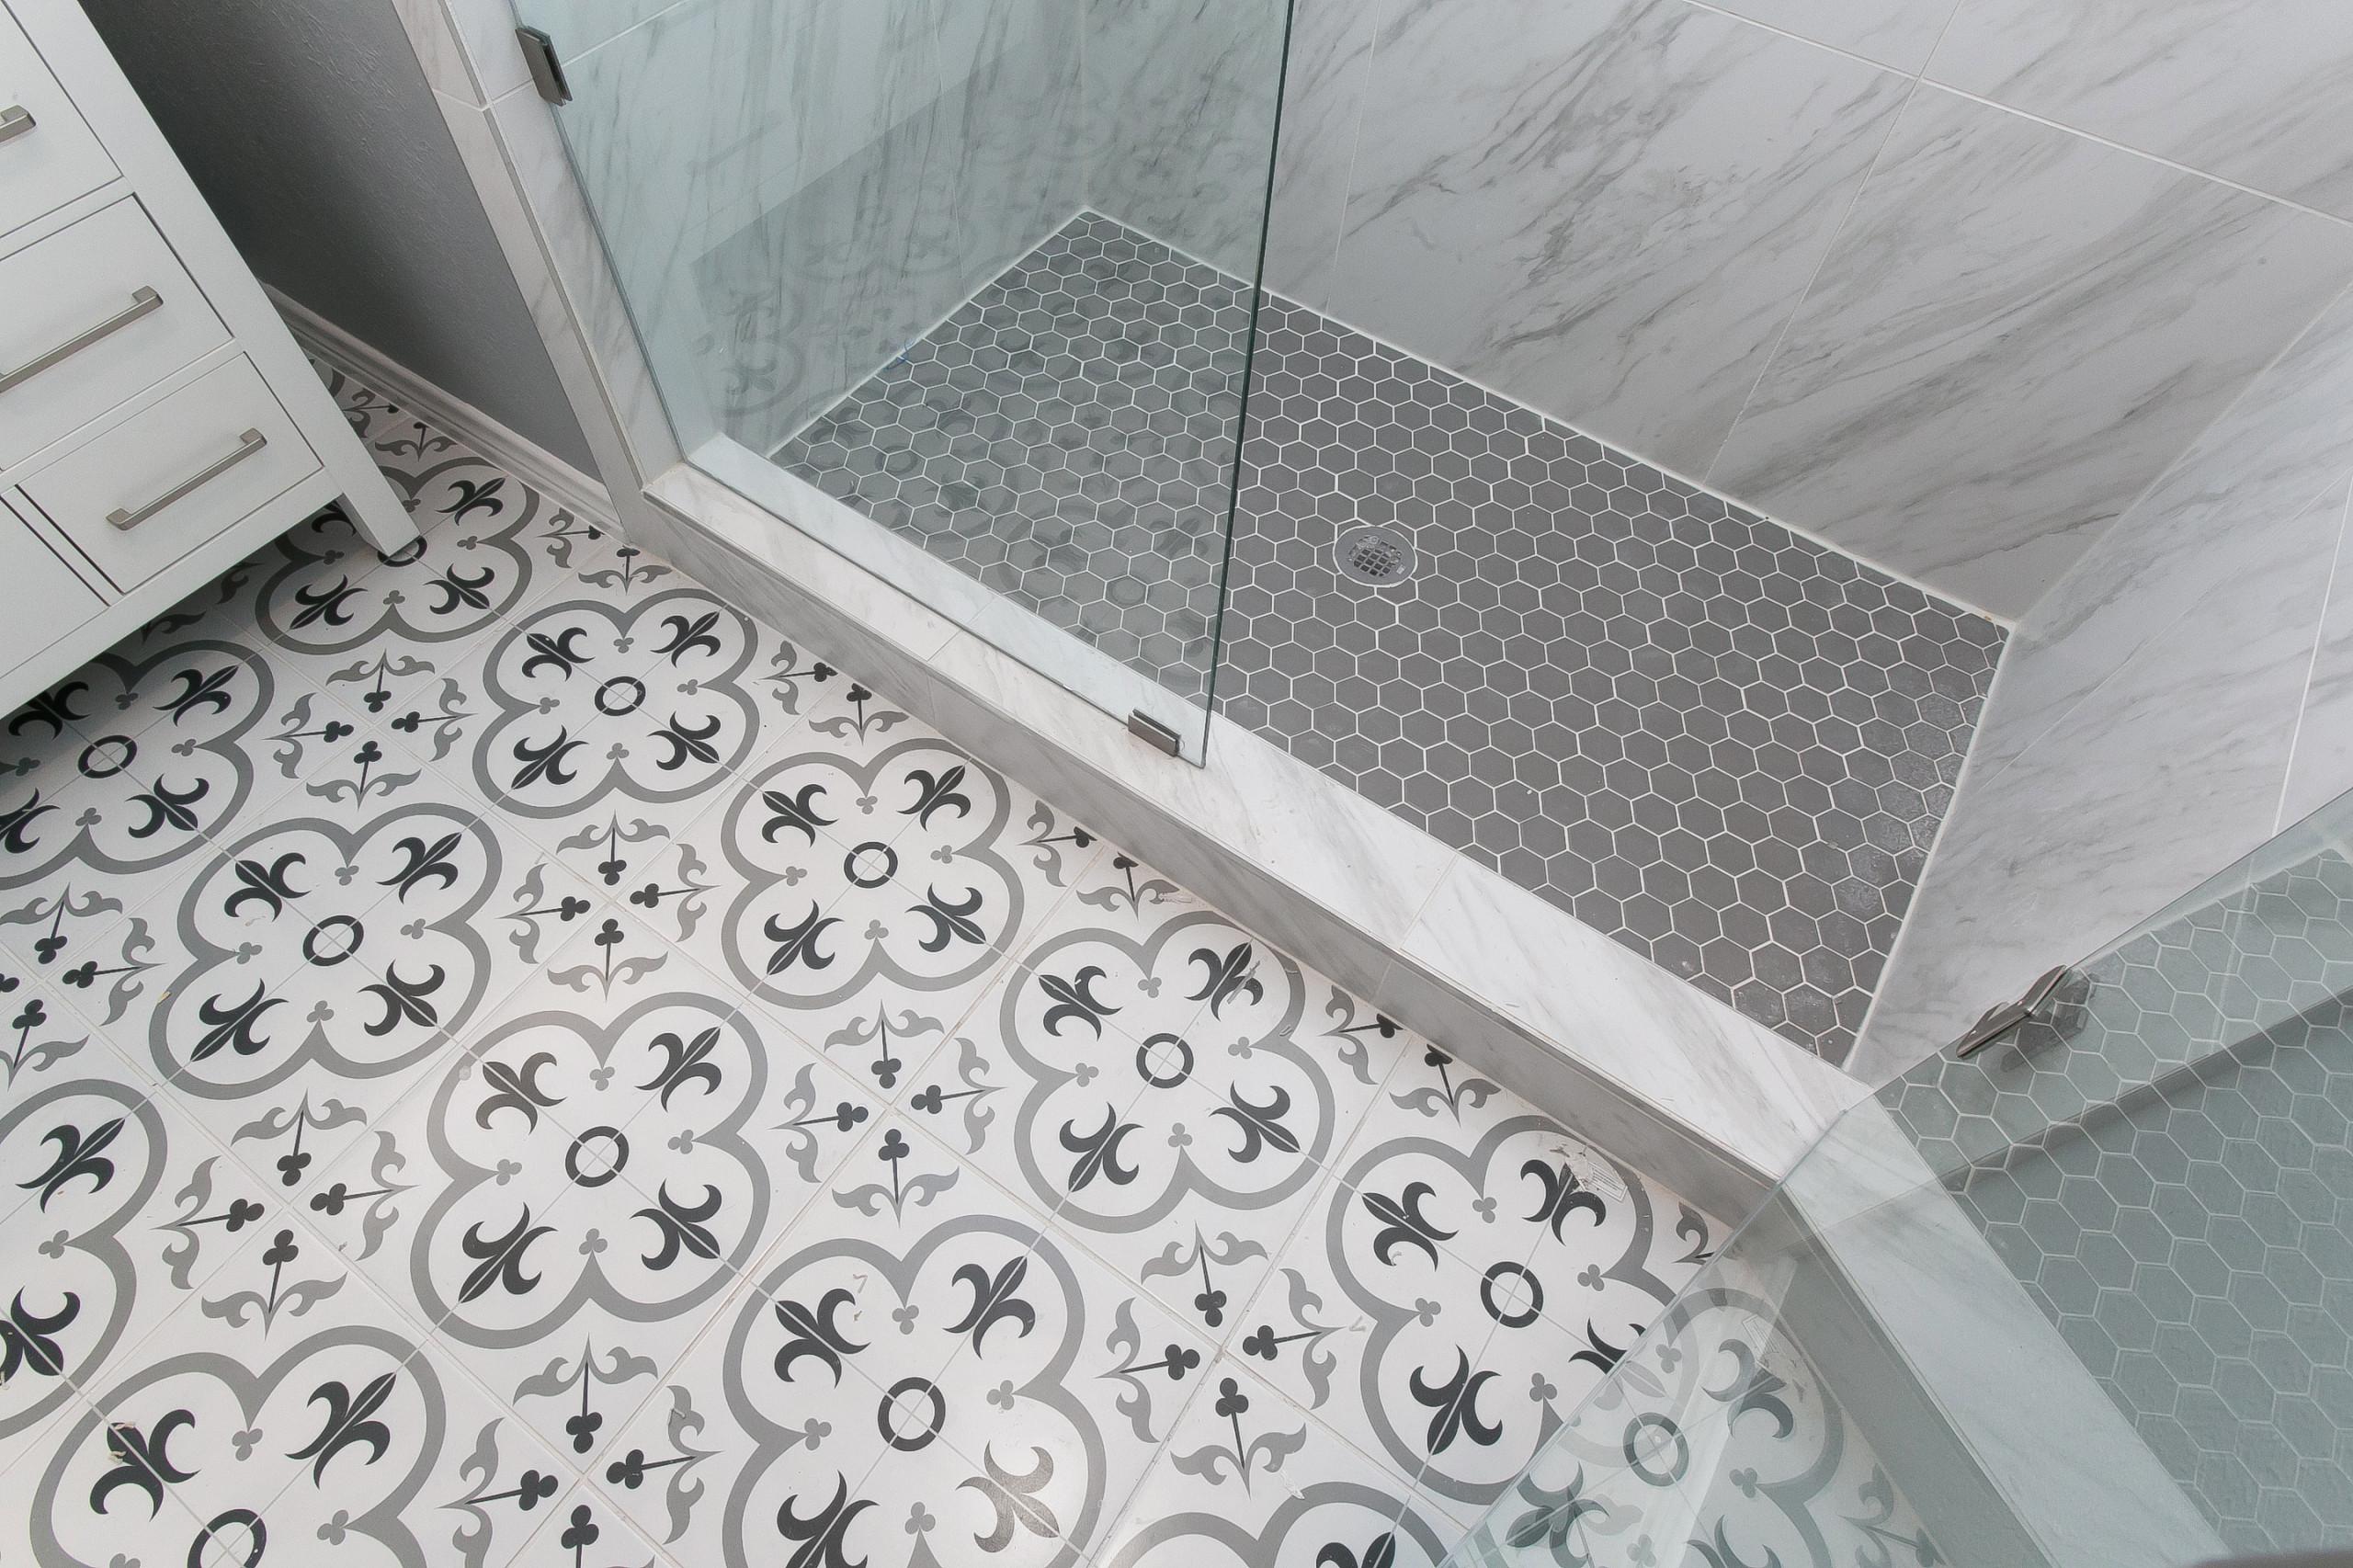 75 Cement Tile Floor Bathroom Ideas You, How To Tile A Bathroom Floor On Concrete